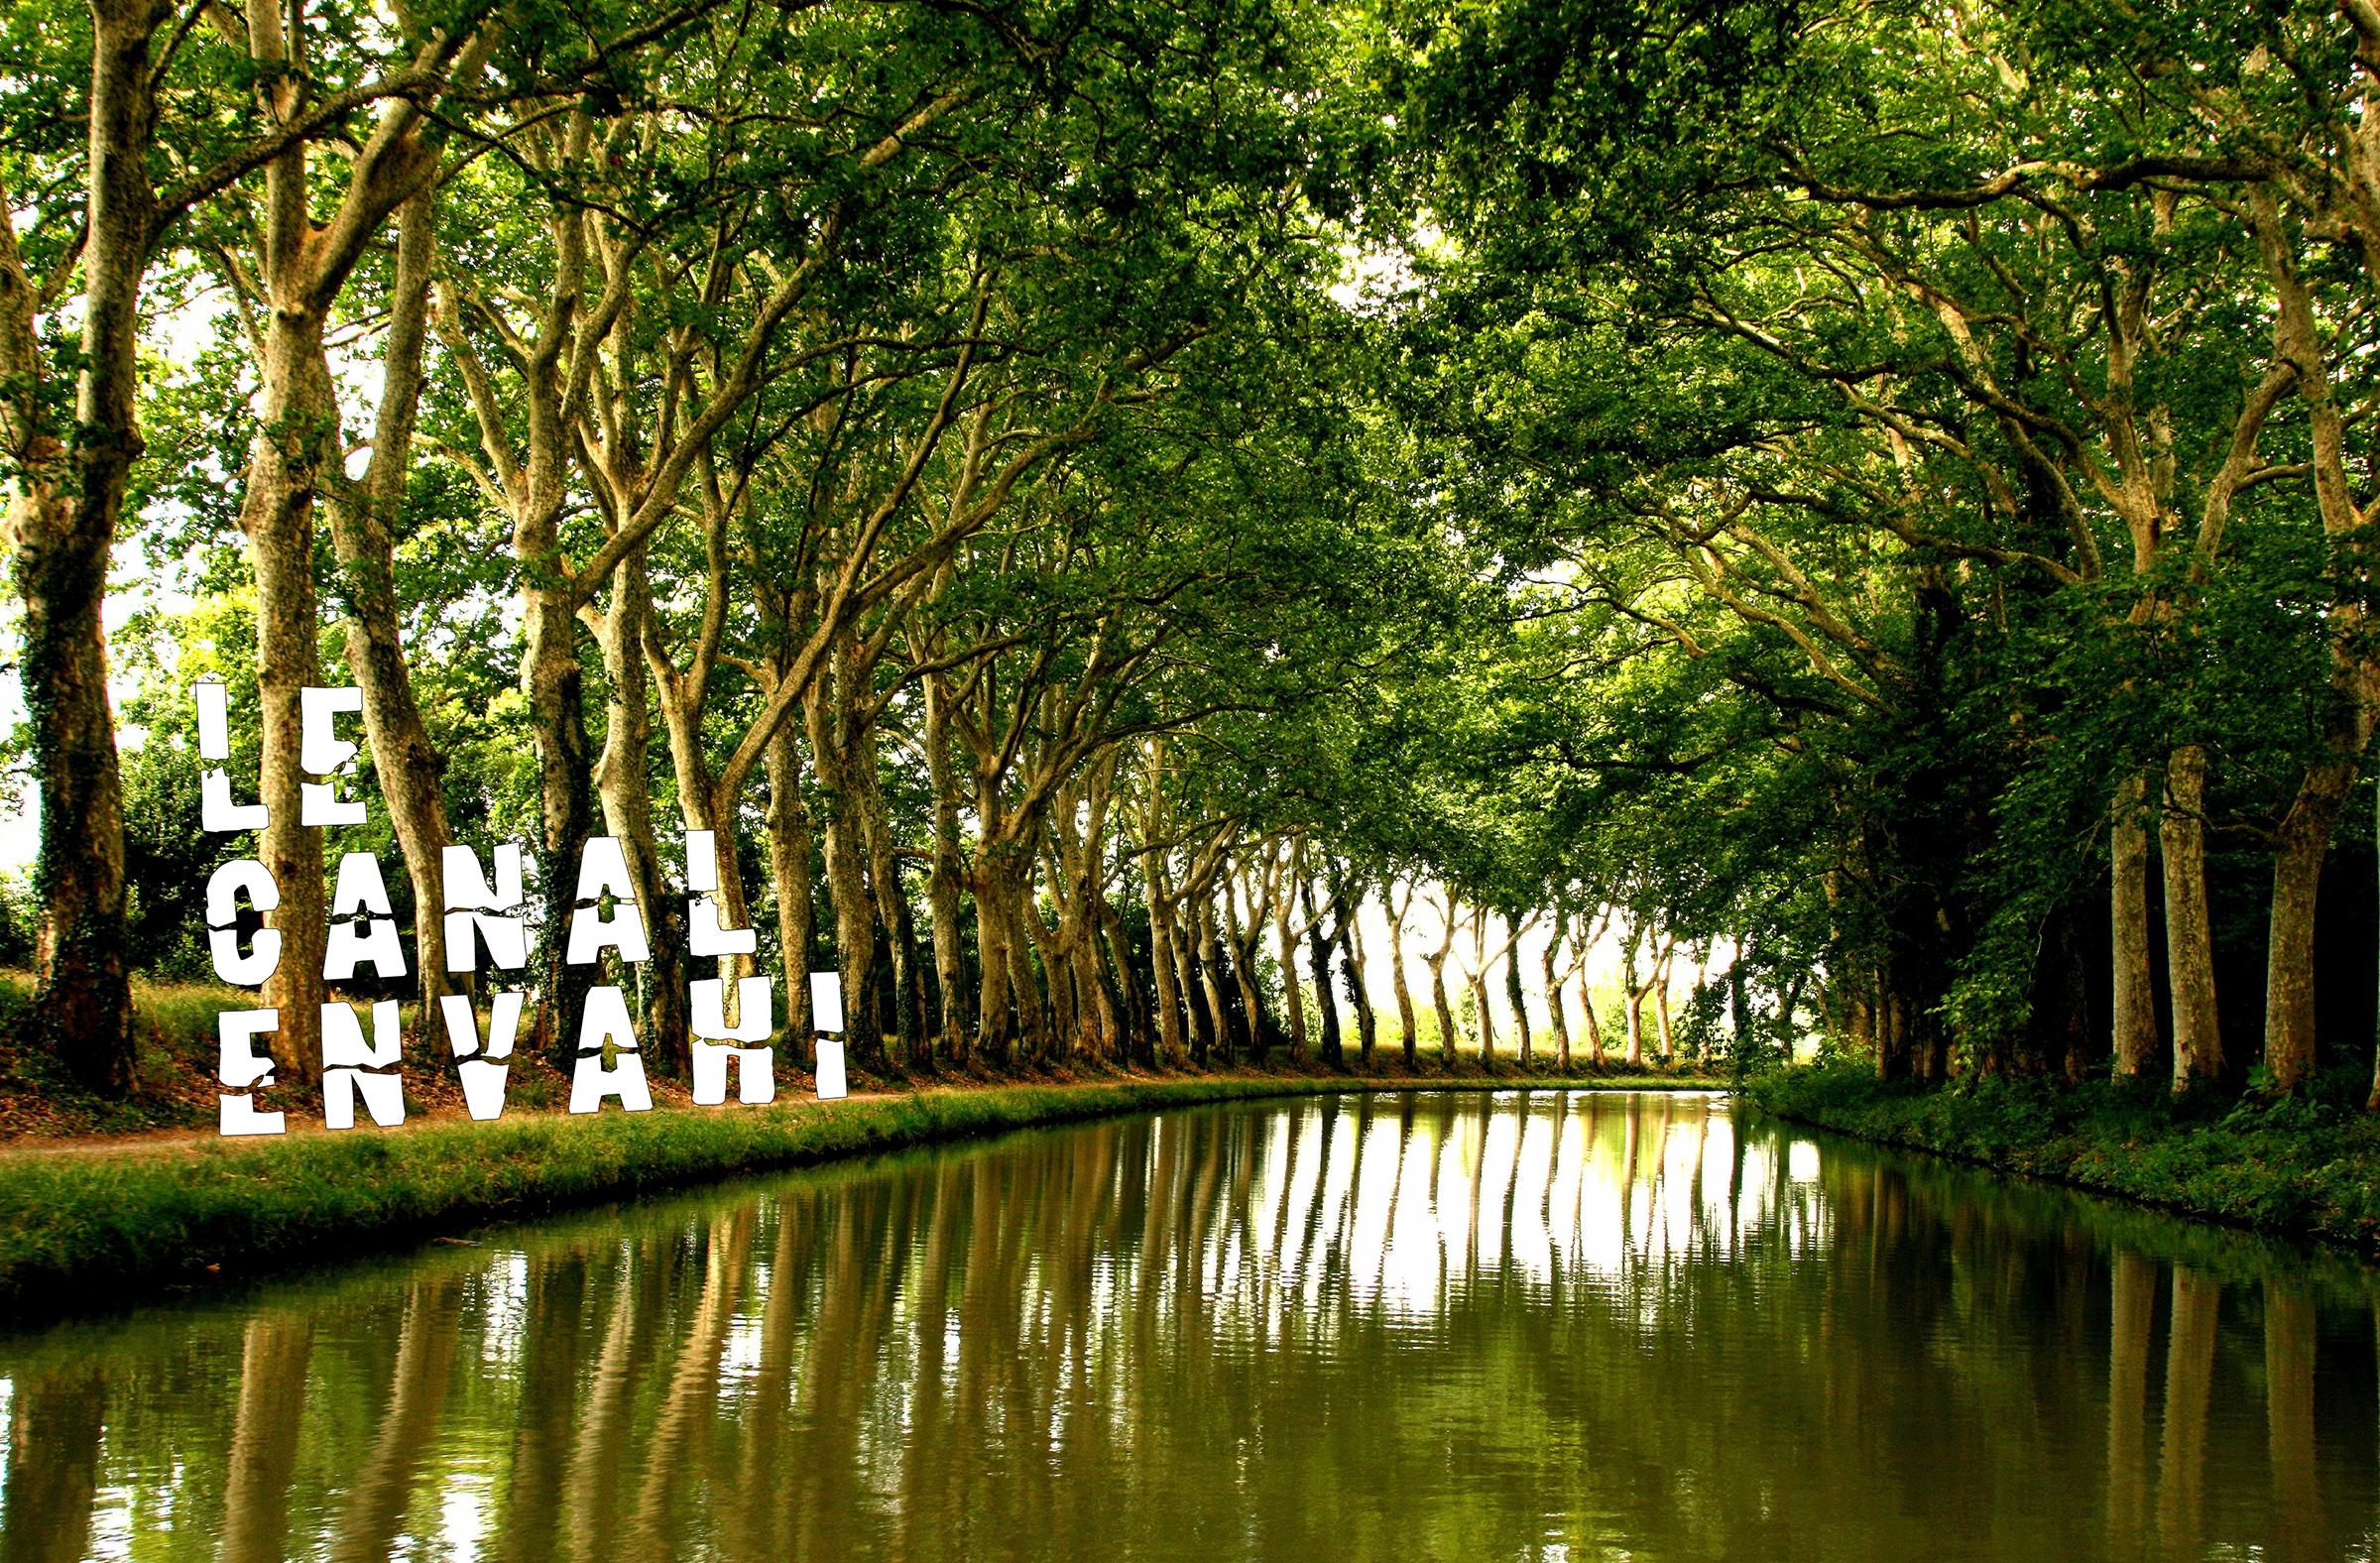 Slide-Le-canal-envahi